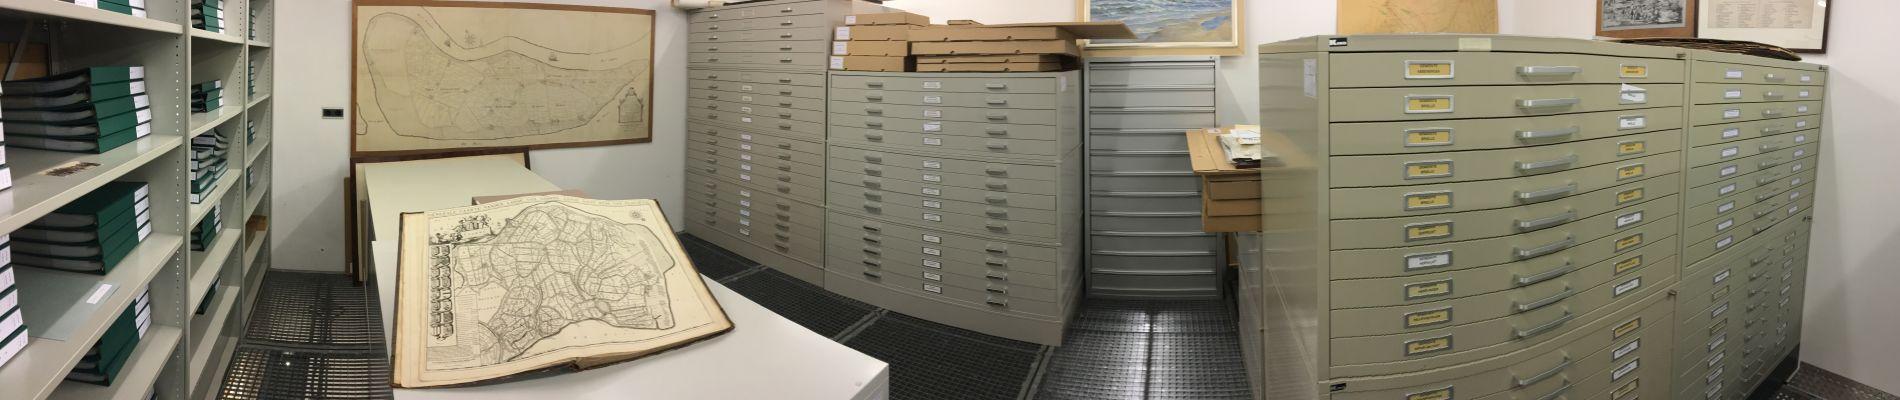 Naast archieven liggen hier duizenden kaarten en prenten